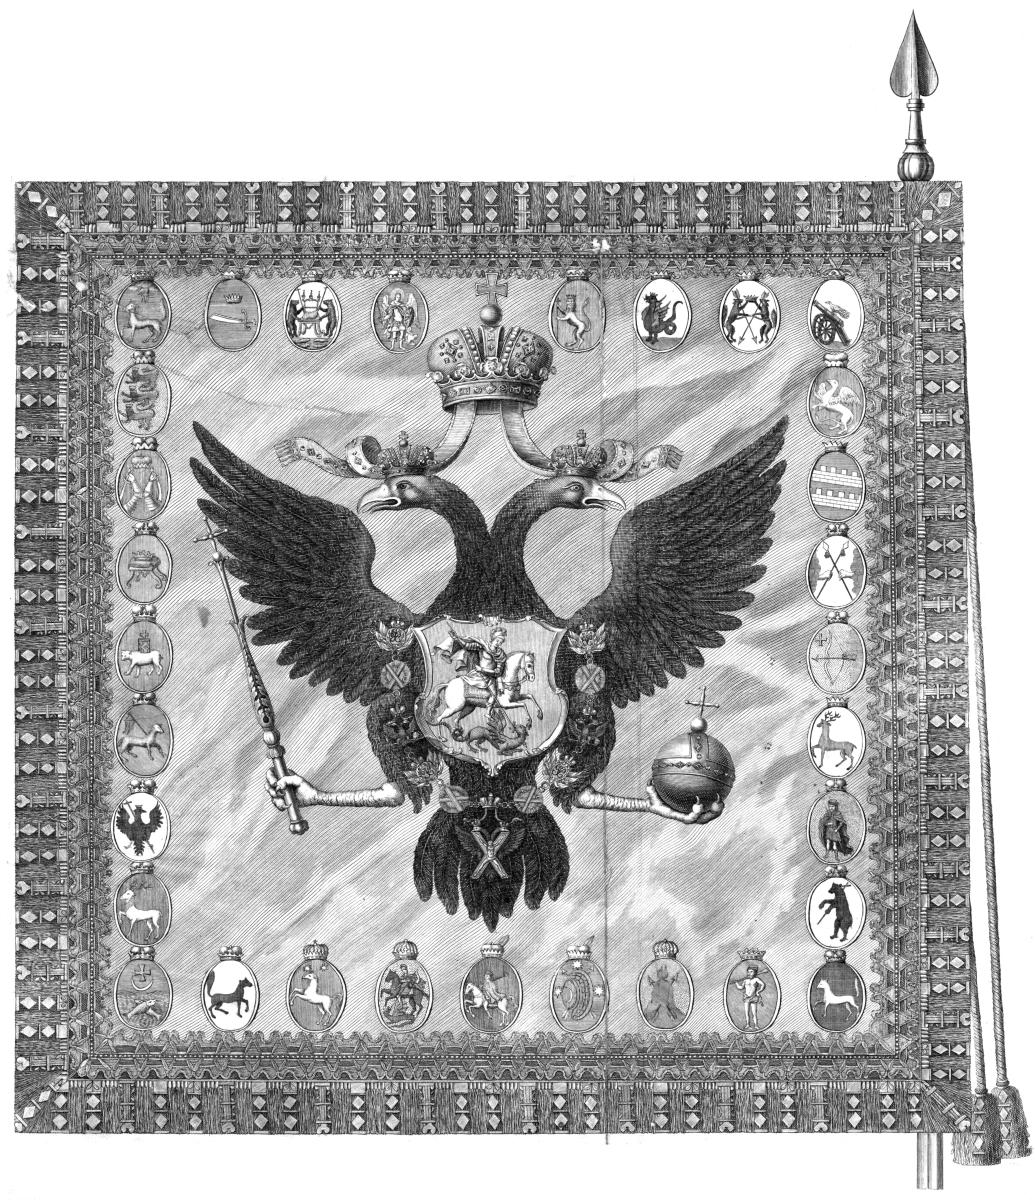 20. Г.А. Качалов № 16. Паннир, или Государственное знамя. 1744 Резец, офорт. 45,3 х 40,2